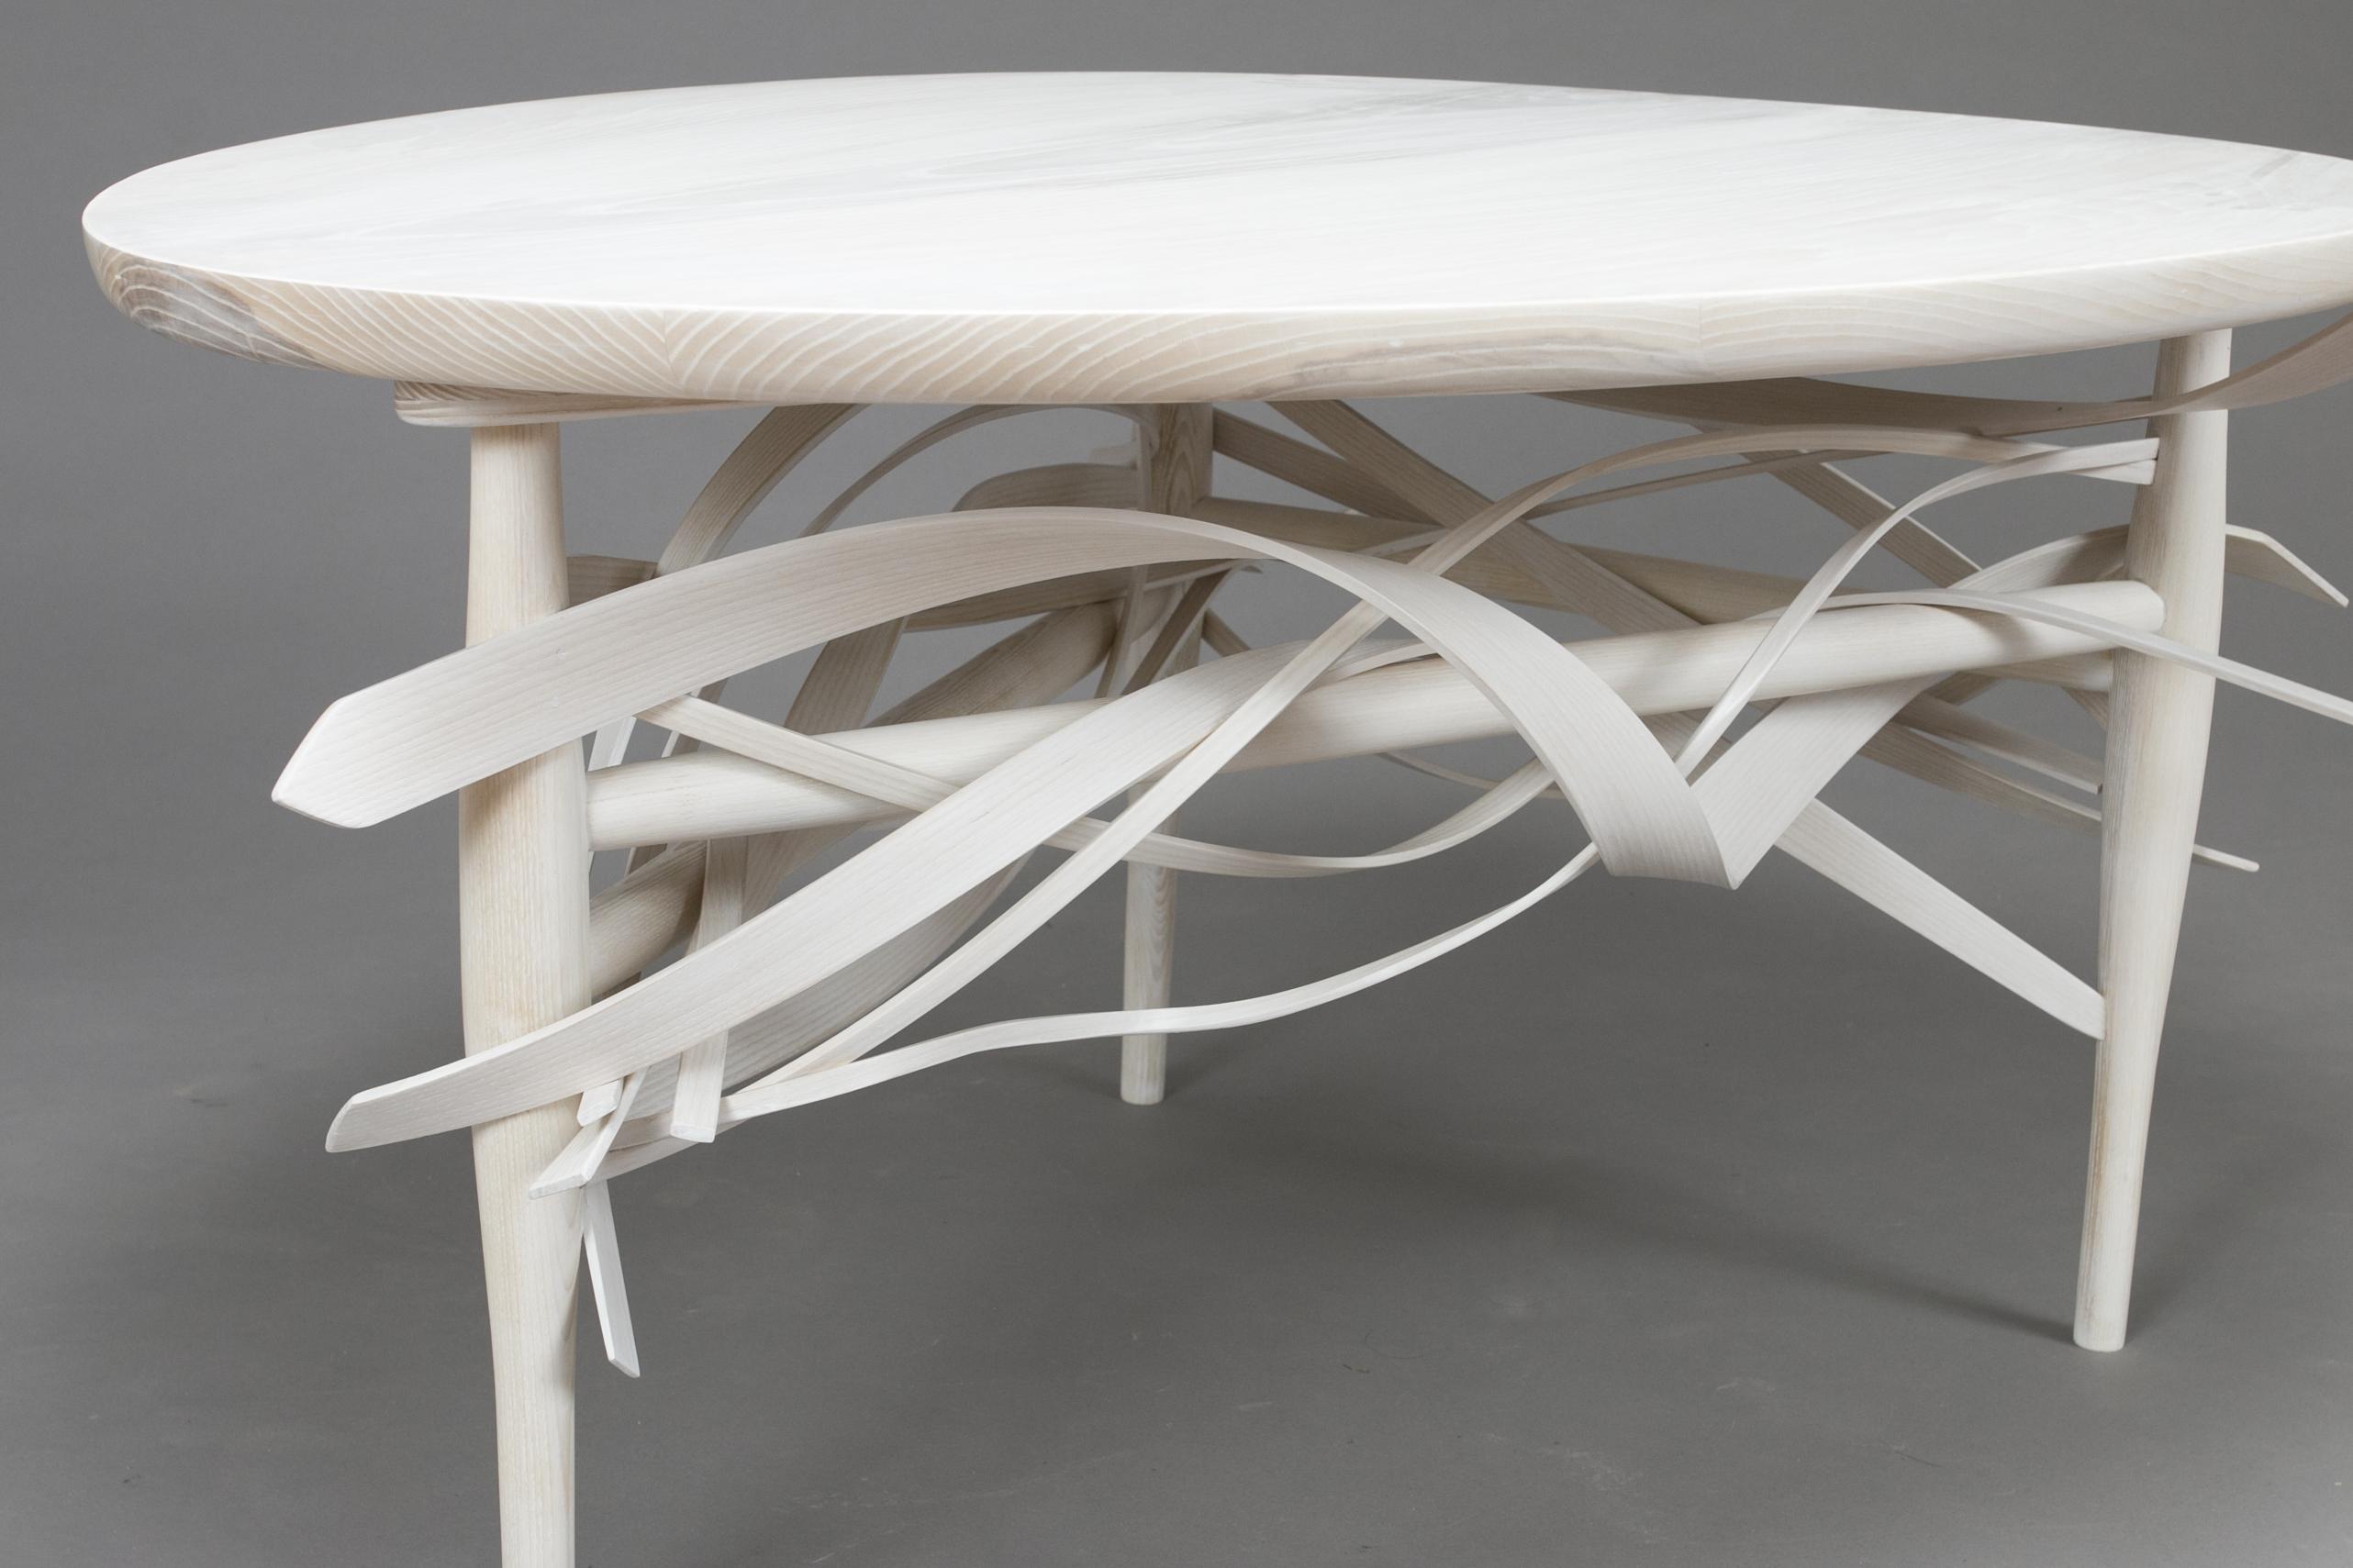 Jenna Graziano - Nest Table